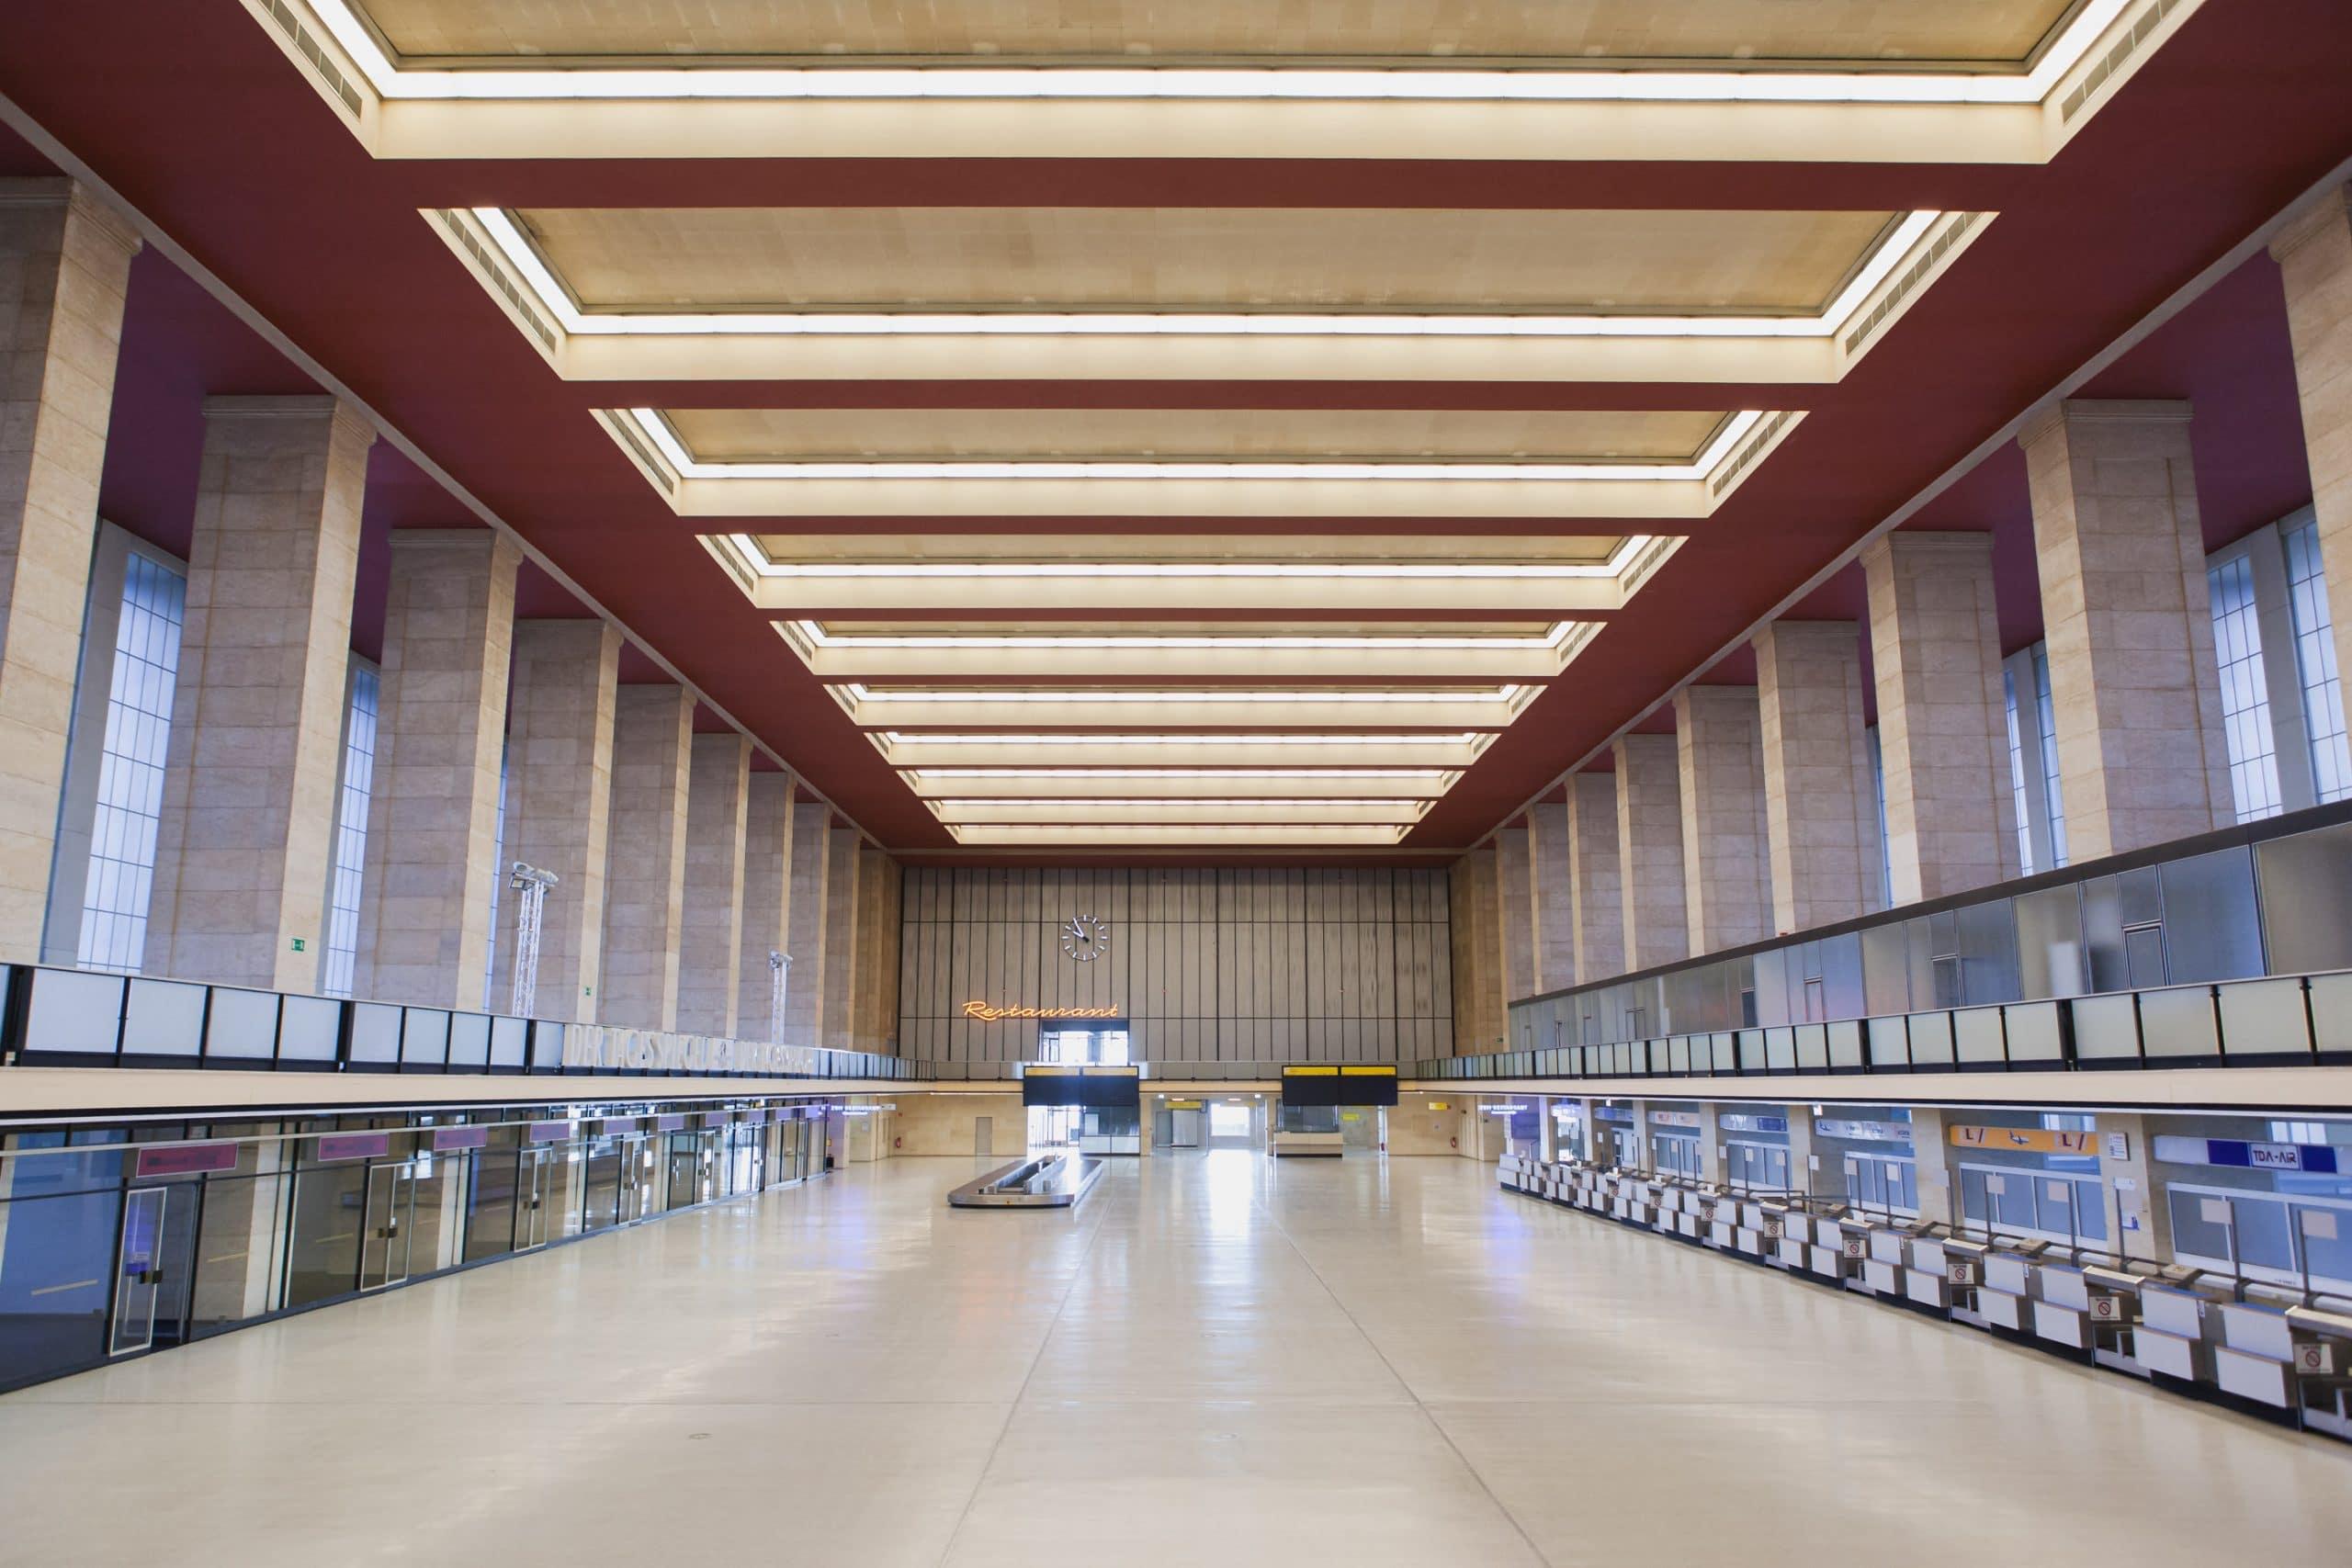 Innovationsworkshop, Tempelhof   Flughafen Tempelhof, Berlin – 23.02.2018